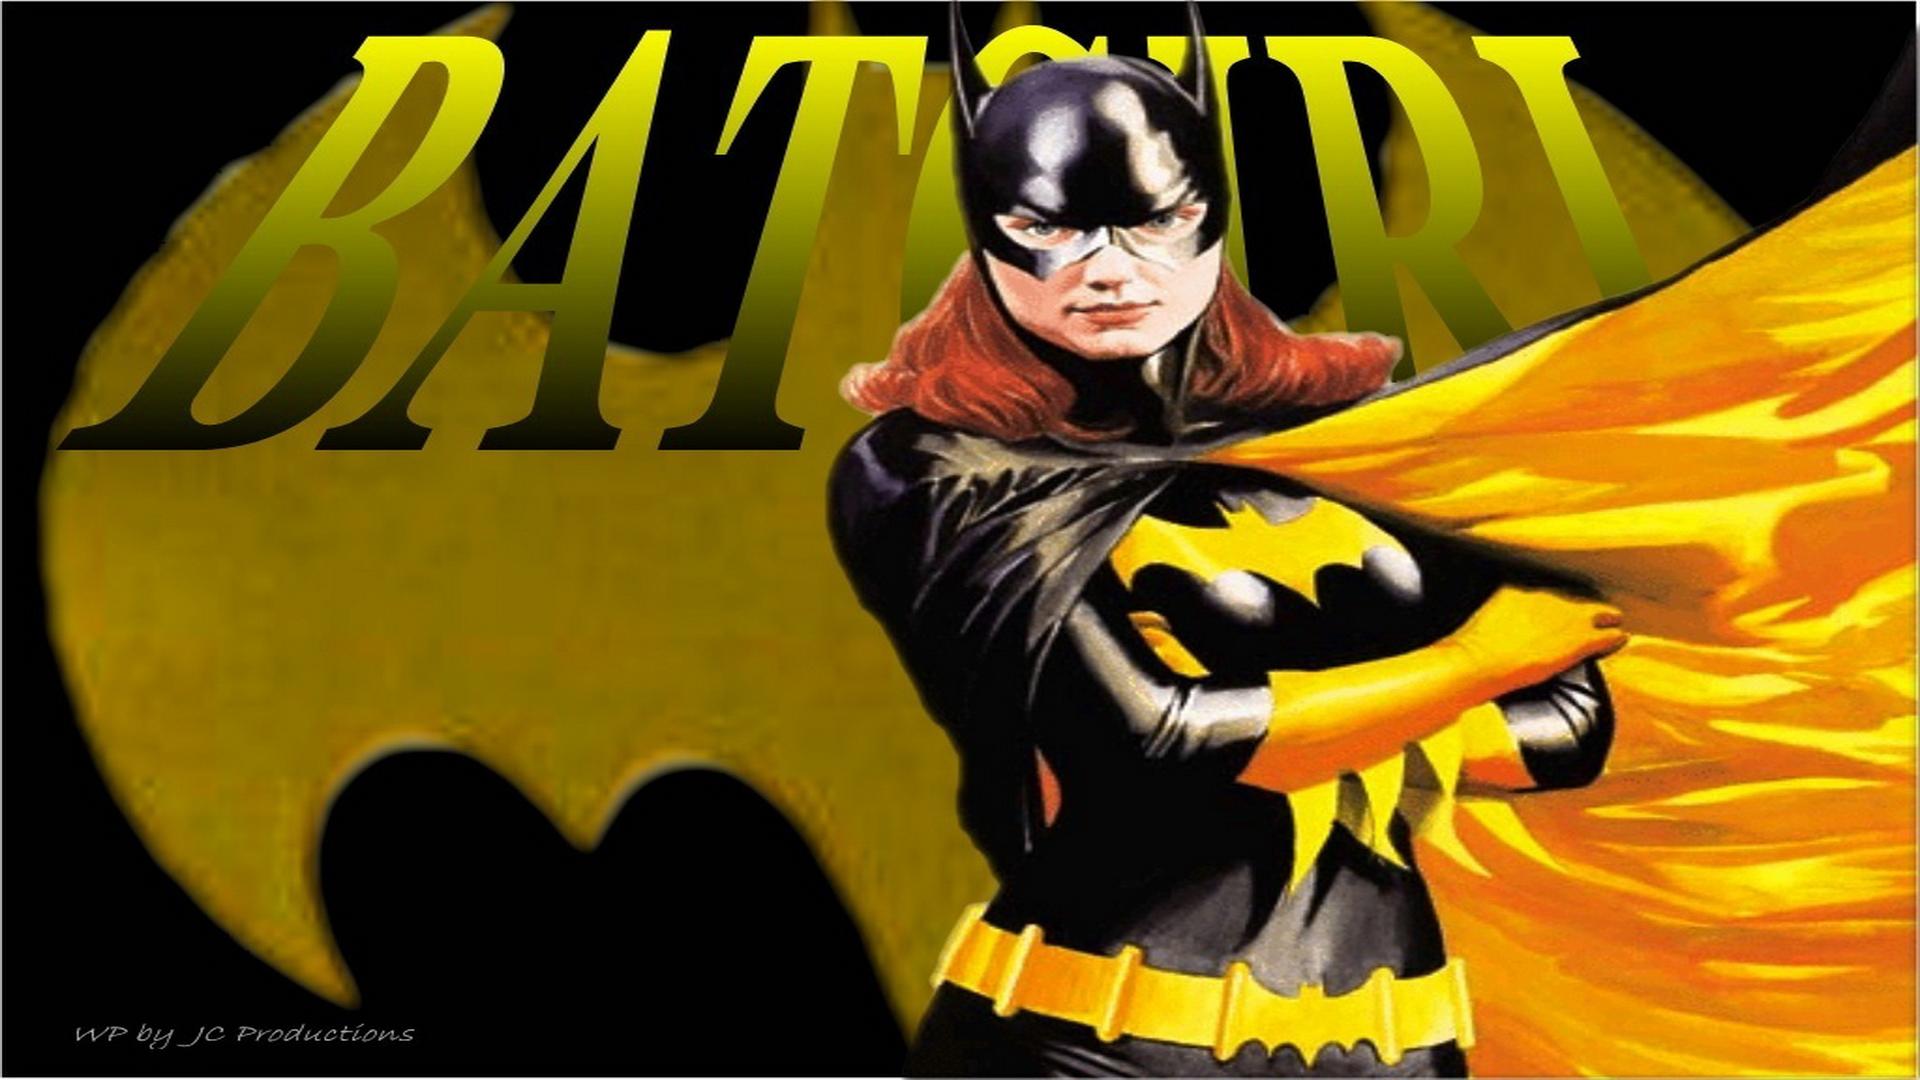 Batgirl Dc Comics 16138473 1024 768 Wallpaper Hd Desktop Wallpapers 1920x1080